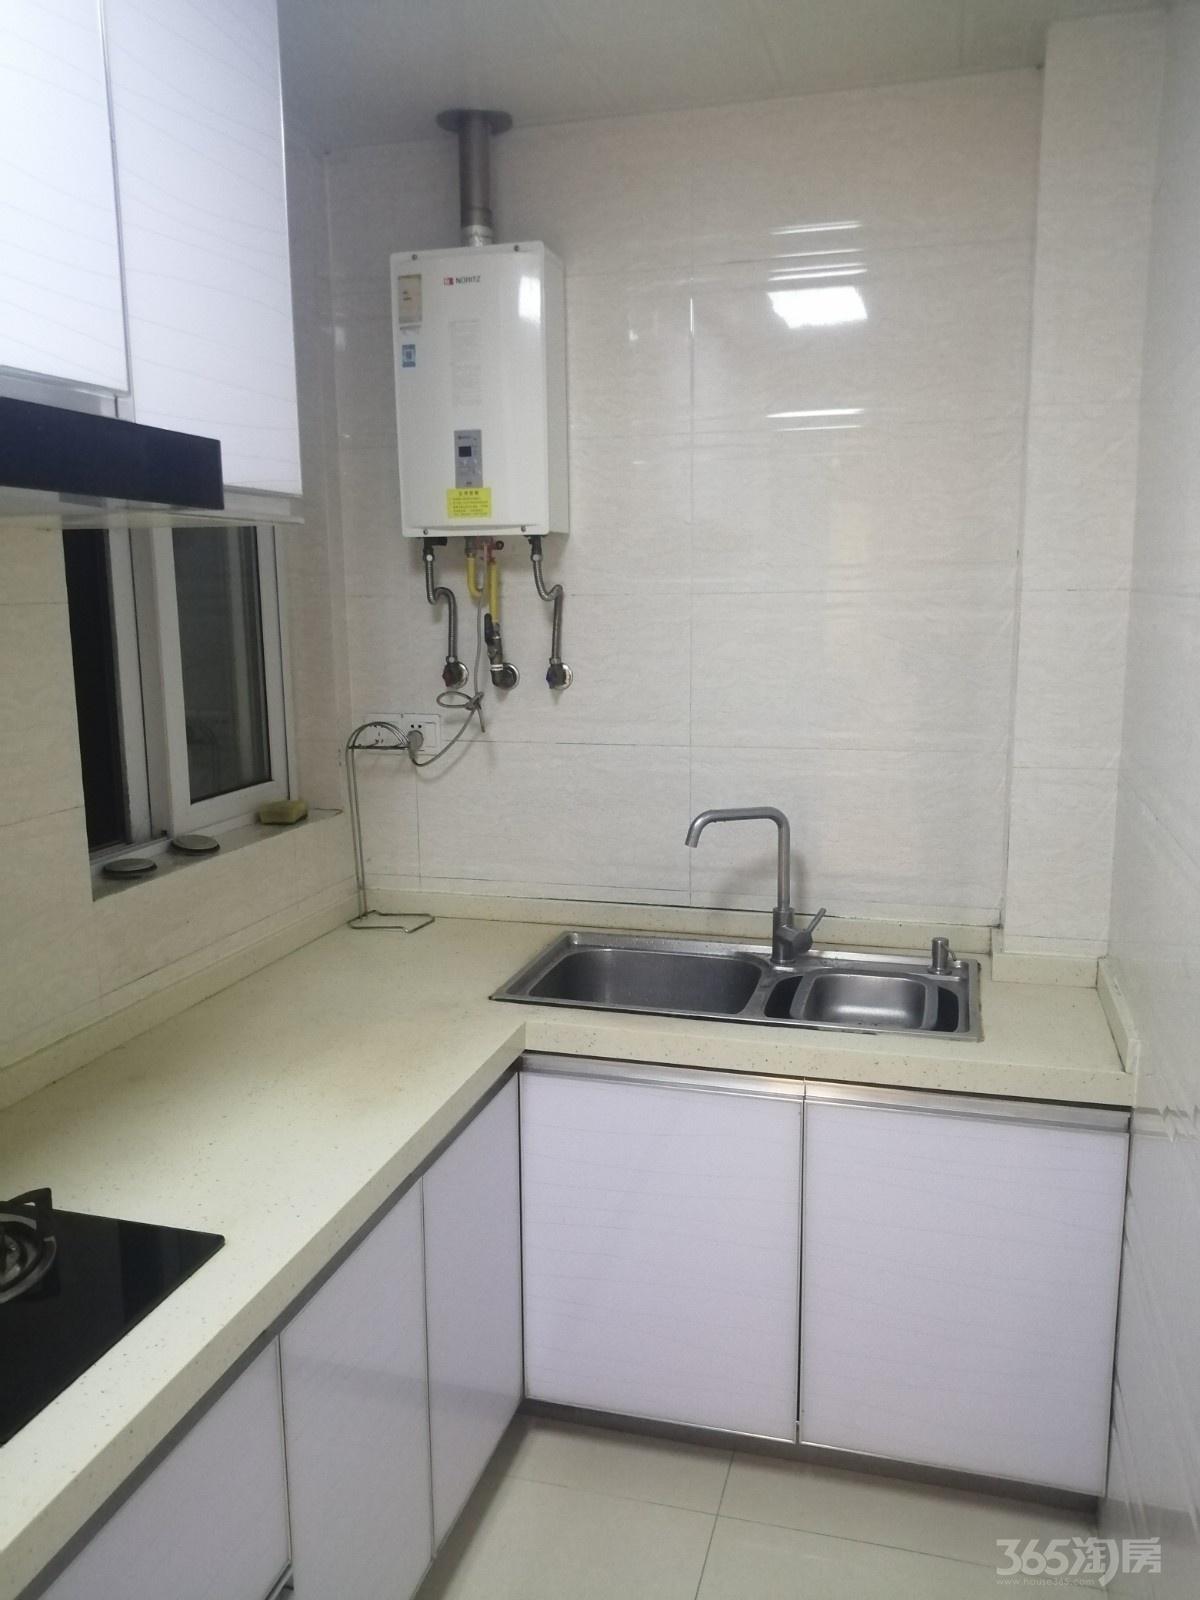 新城春天里2室2厅1卫75平米精装整租 设施齐全